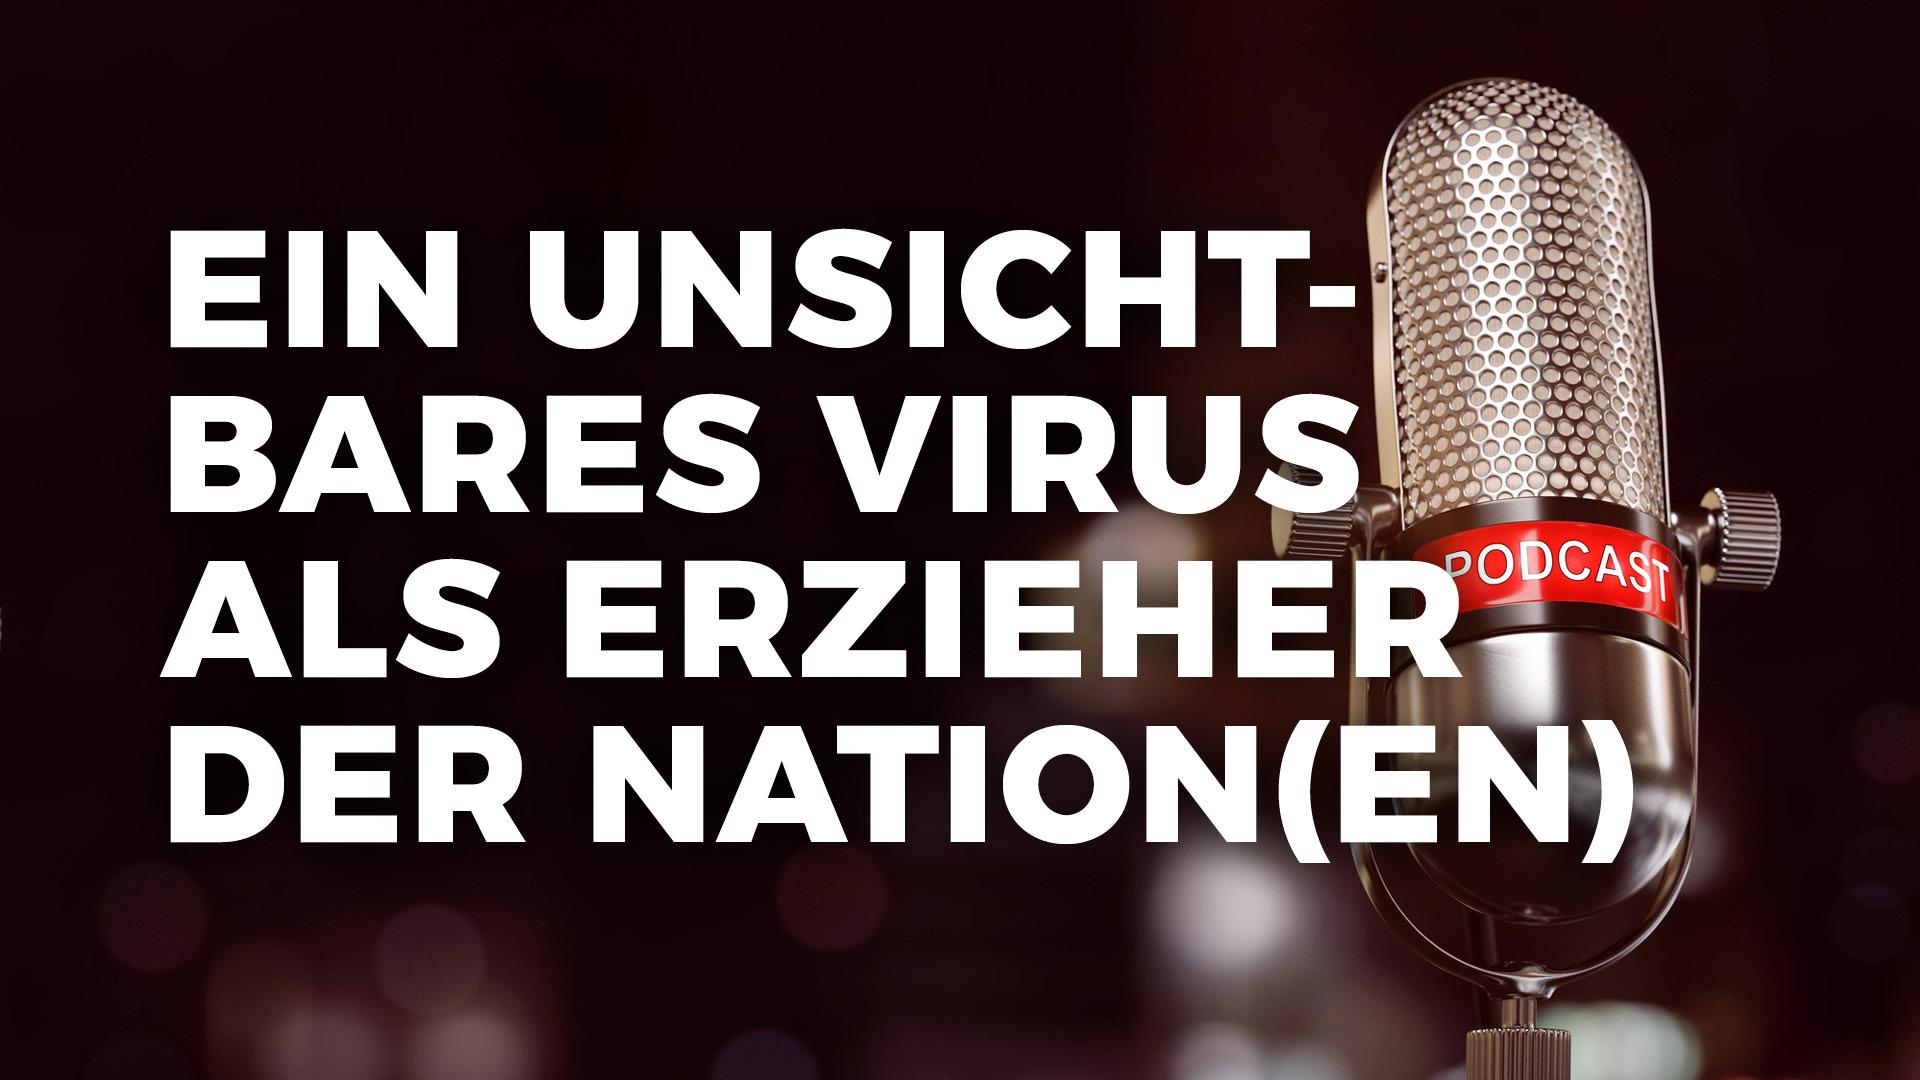 Ein unsichtbares Virus als Erzieher der Nation(en)